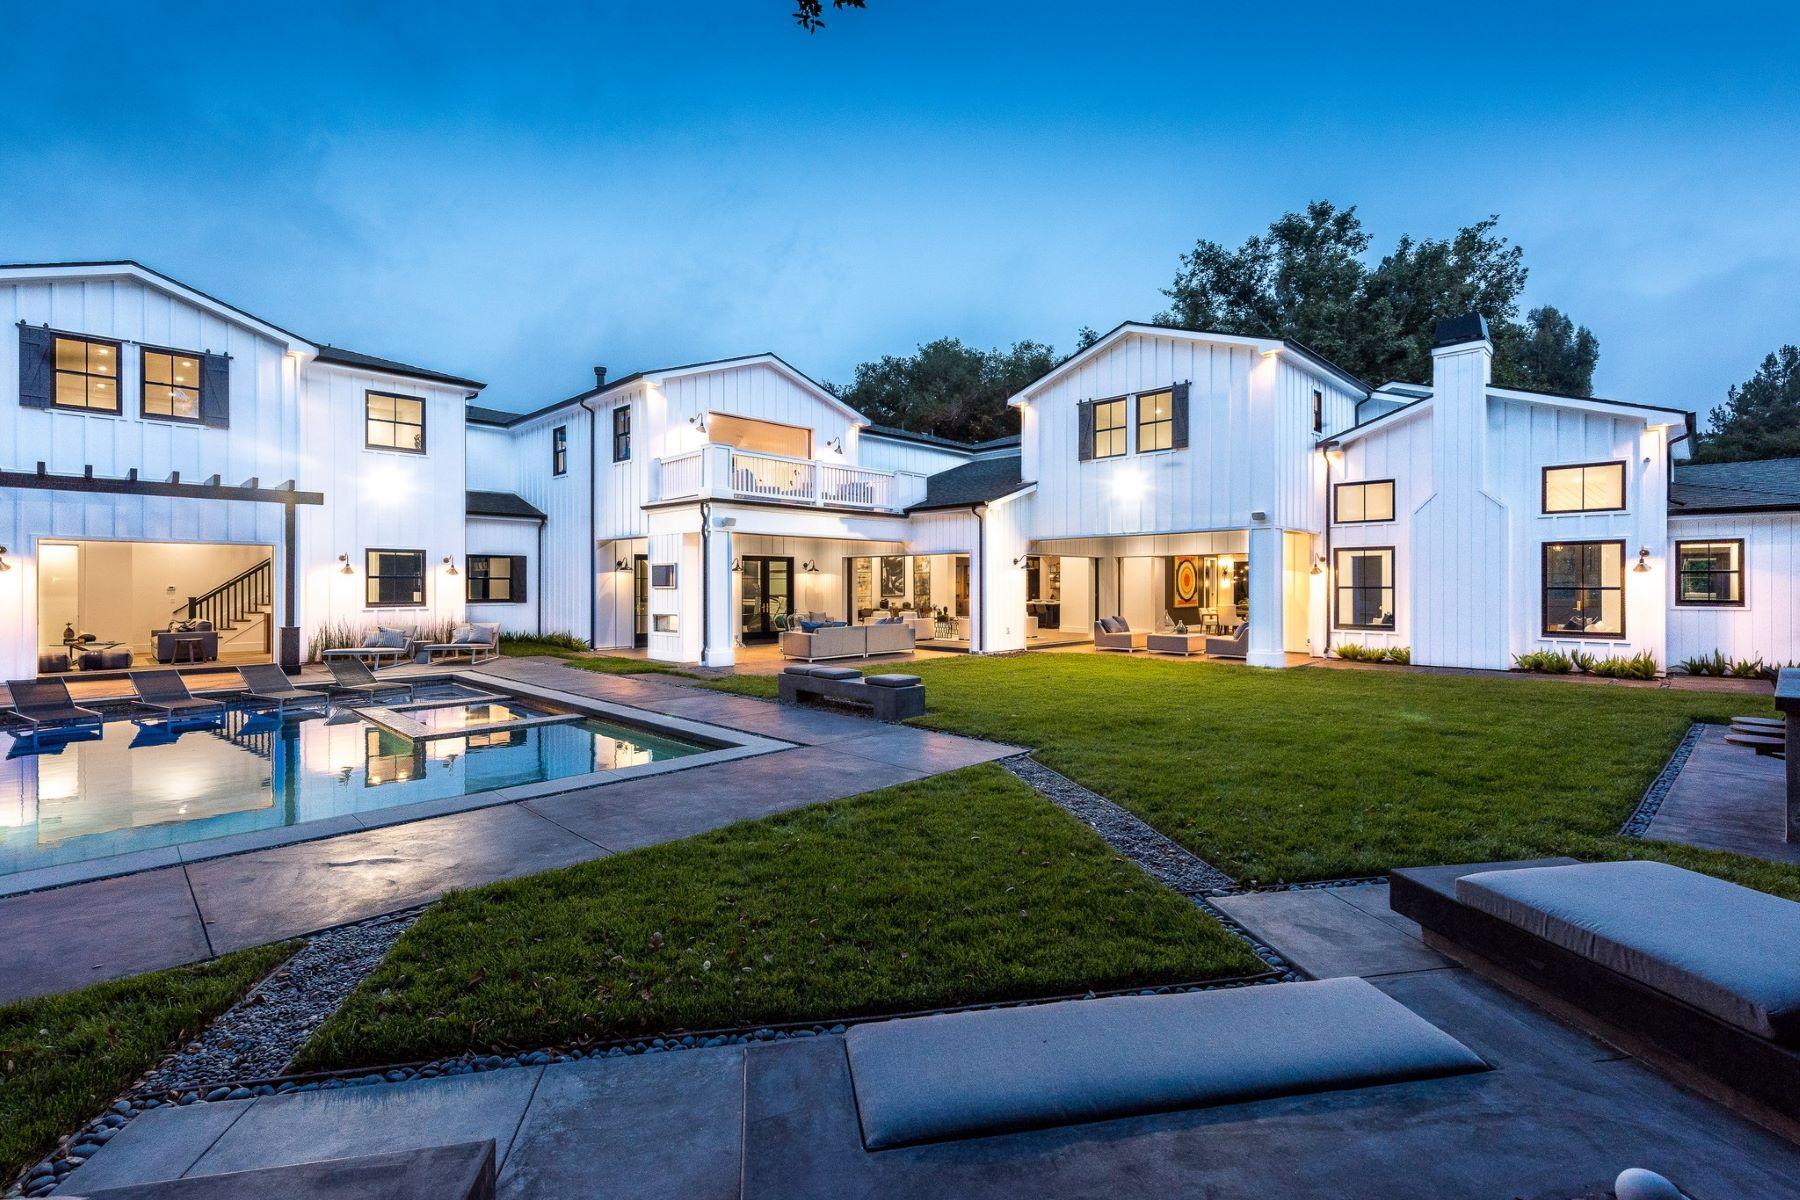 Villa per Vendita alle ore 15711 Royal Oak Rd Encino, California, 91436 Stati Uniti